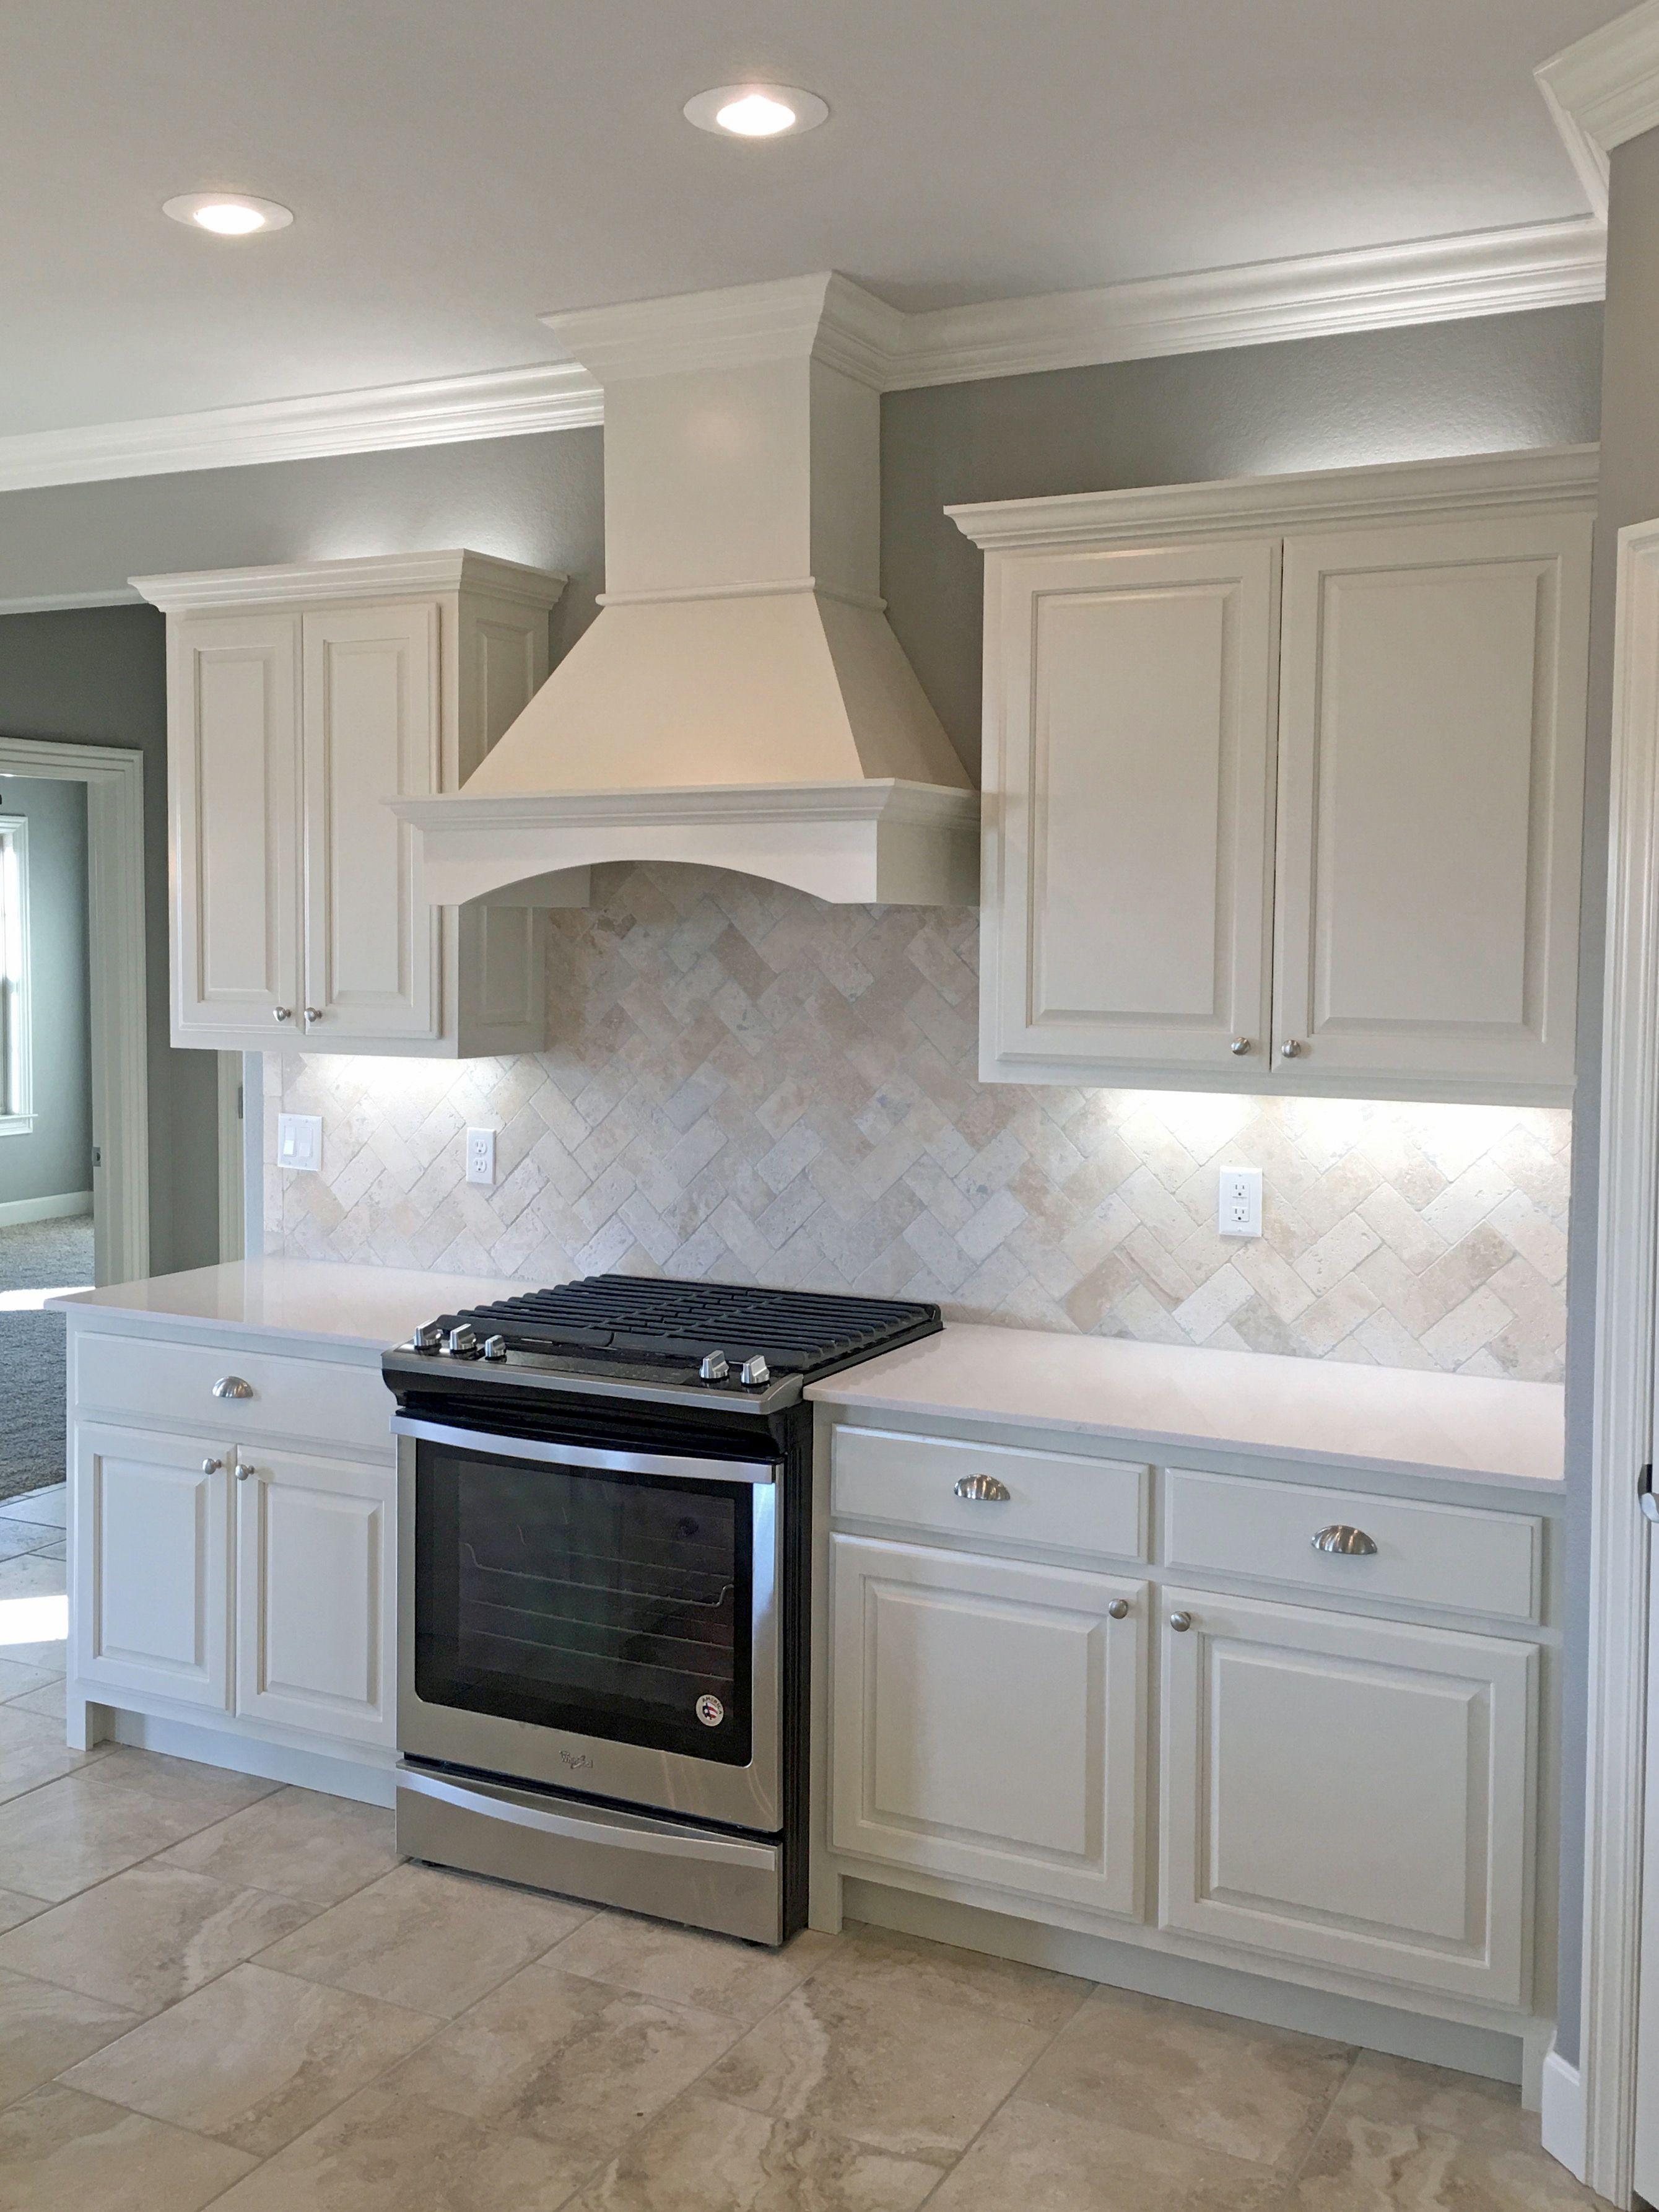 Backsplash For White Kitchen Kohler Faucets Home Depot With Satin Nickel Fixtures Pendant Lights